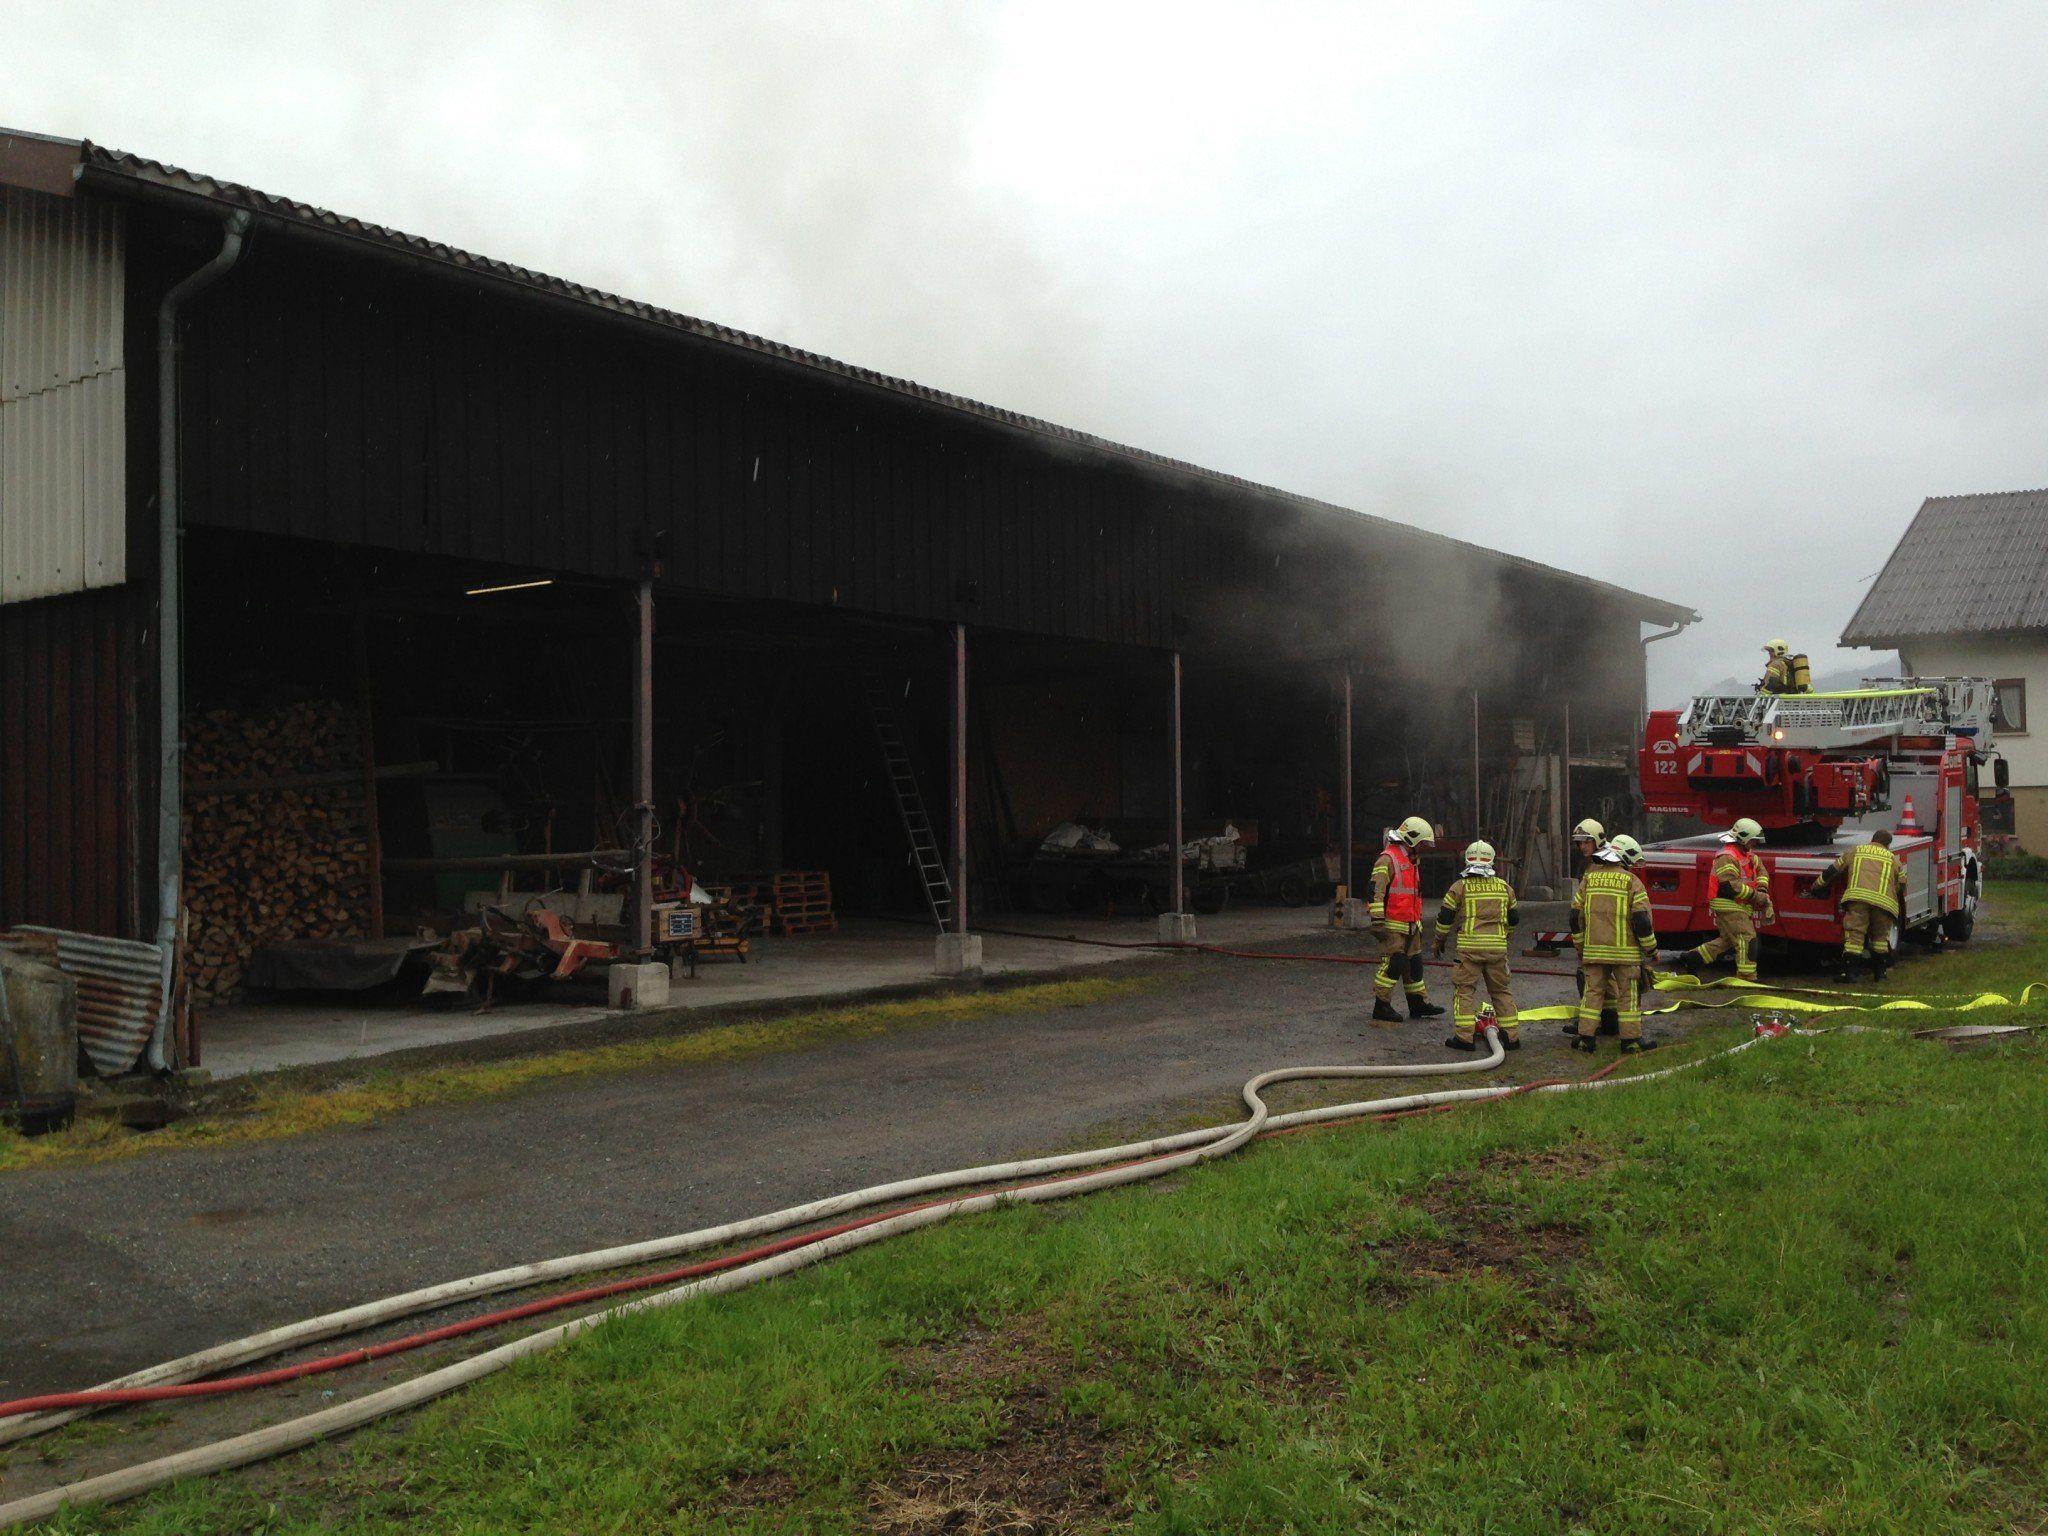 Die Feuerwehr muss in das stark verrauchte Gebäude vordringen um die Ursache für den Rauch festzustellen.